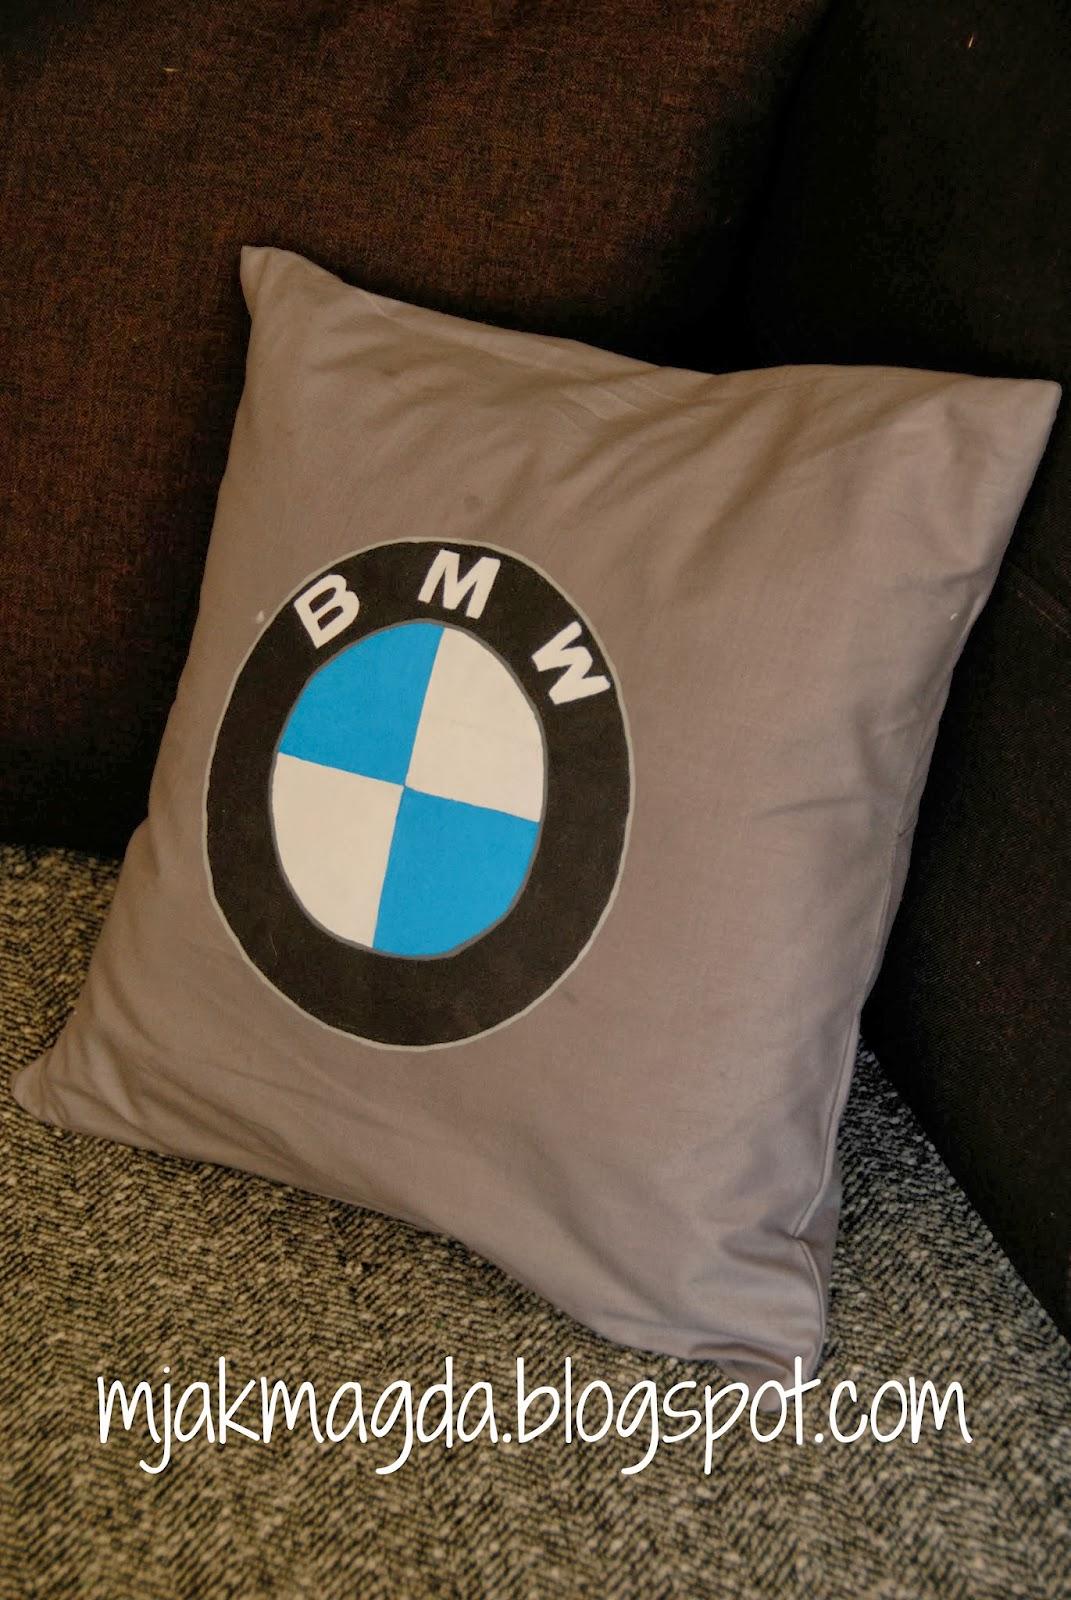 gadżety, gadzety, gadżet, gadzet, gadget, poduszka, poszewka, logo, logotyp, ręcznie malowana, BMW, męska, w męskim stylu, szara, samochód, auto, markowa, marka, motoryzacja, samochodowa, motor, szara, pillow, pillowcase, logo, logotype, hand painted, BMW, men, the masculine style, gray, car, auto, brand, brand, automotive, car, motor, gray,